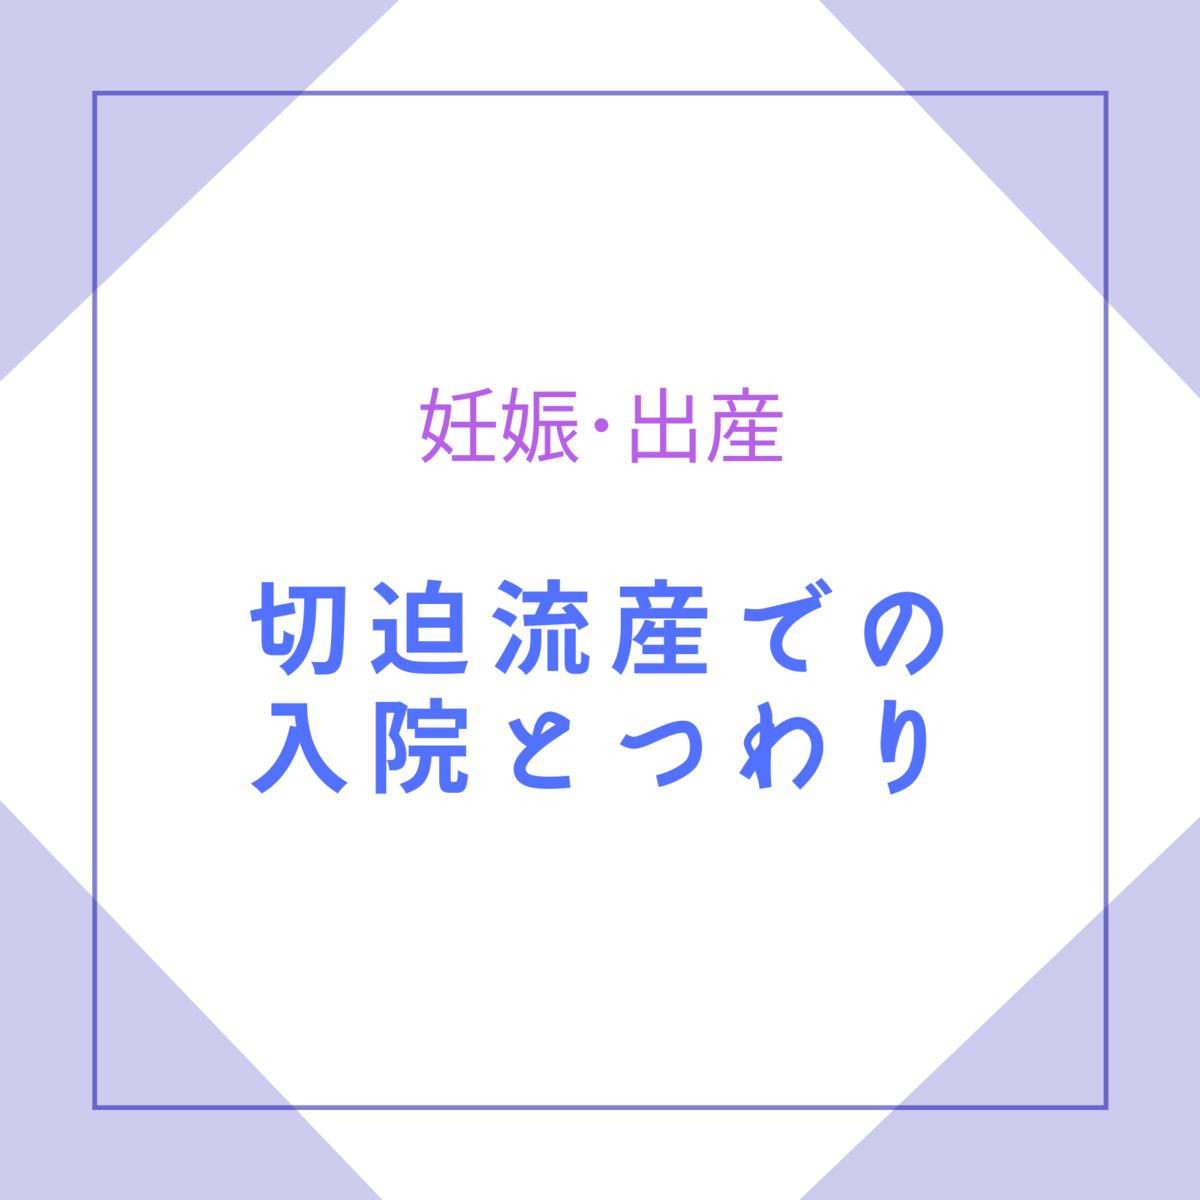 f:id:hirara185:20200626104915p:plain